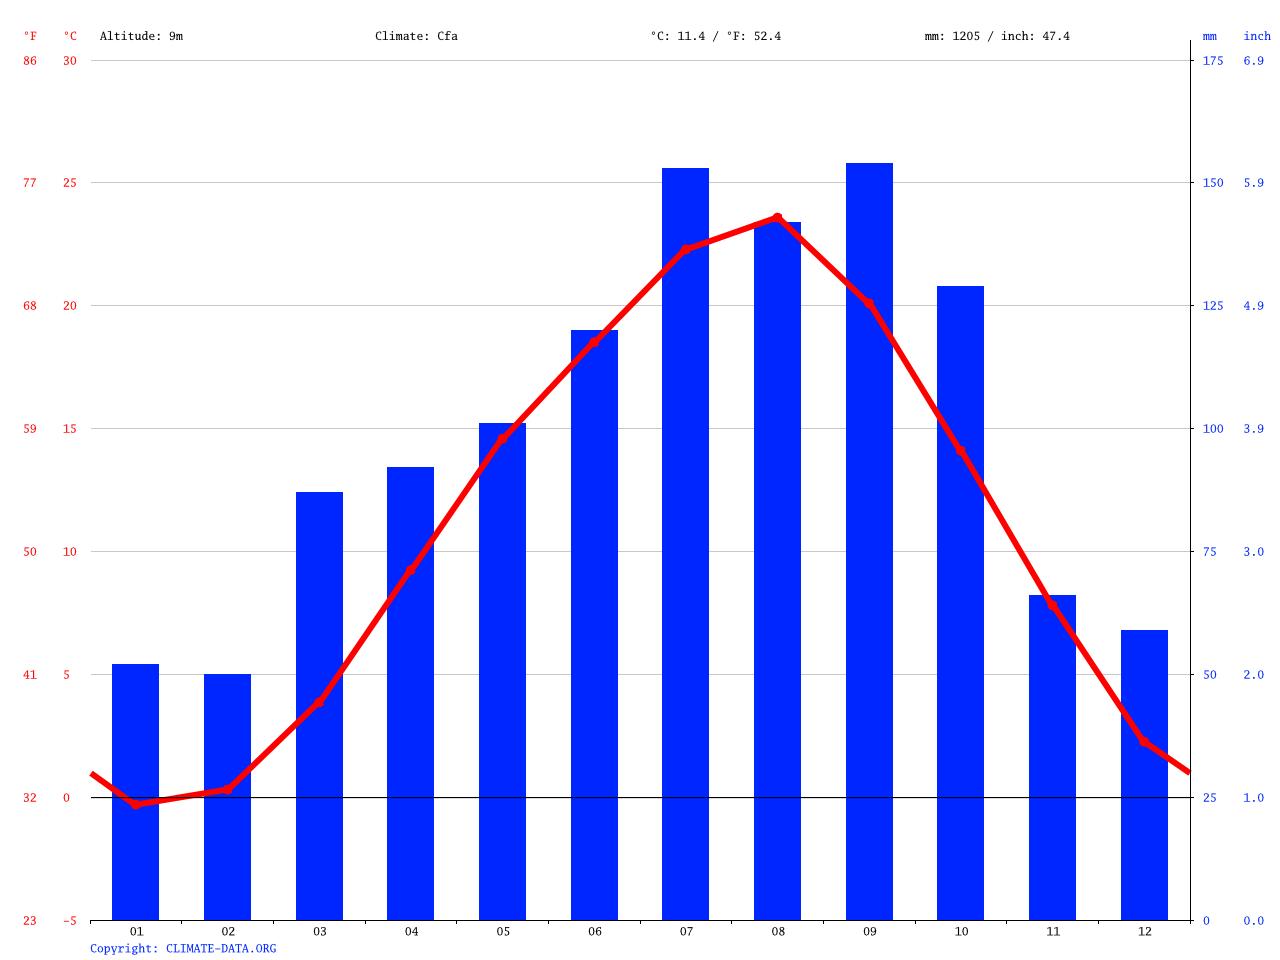 気候:登米市-気候グラフ、気温グラフ、雨温図 - Climate-Data.org